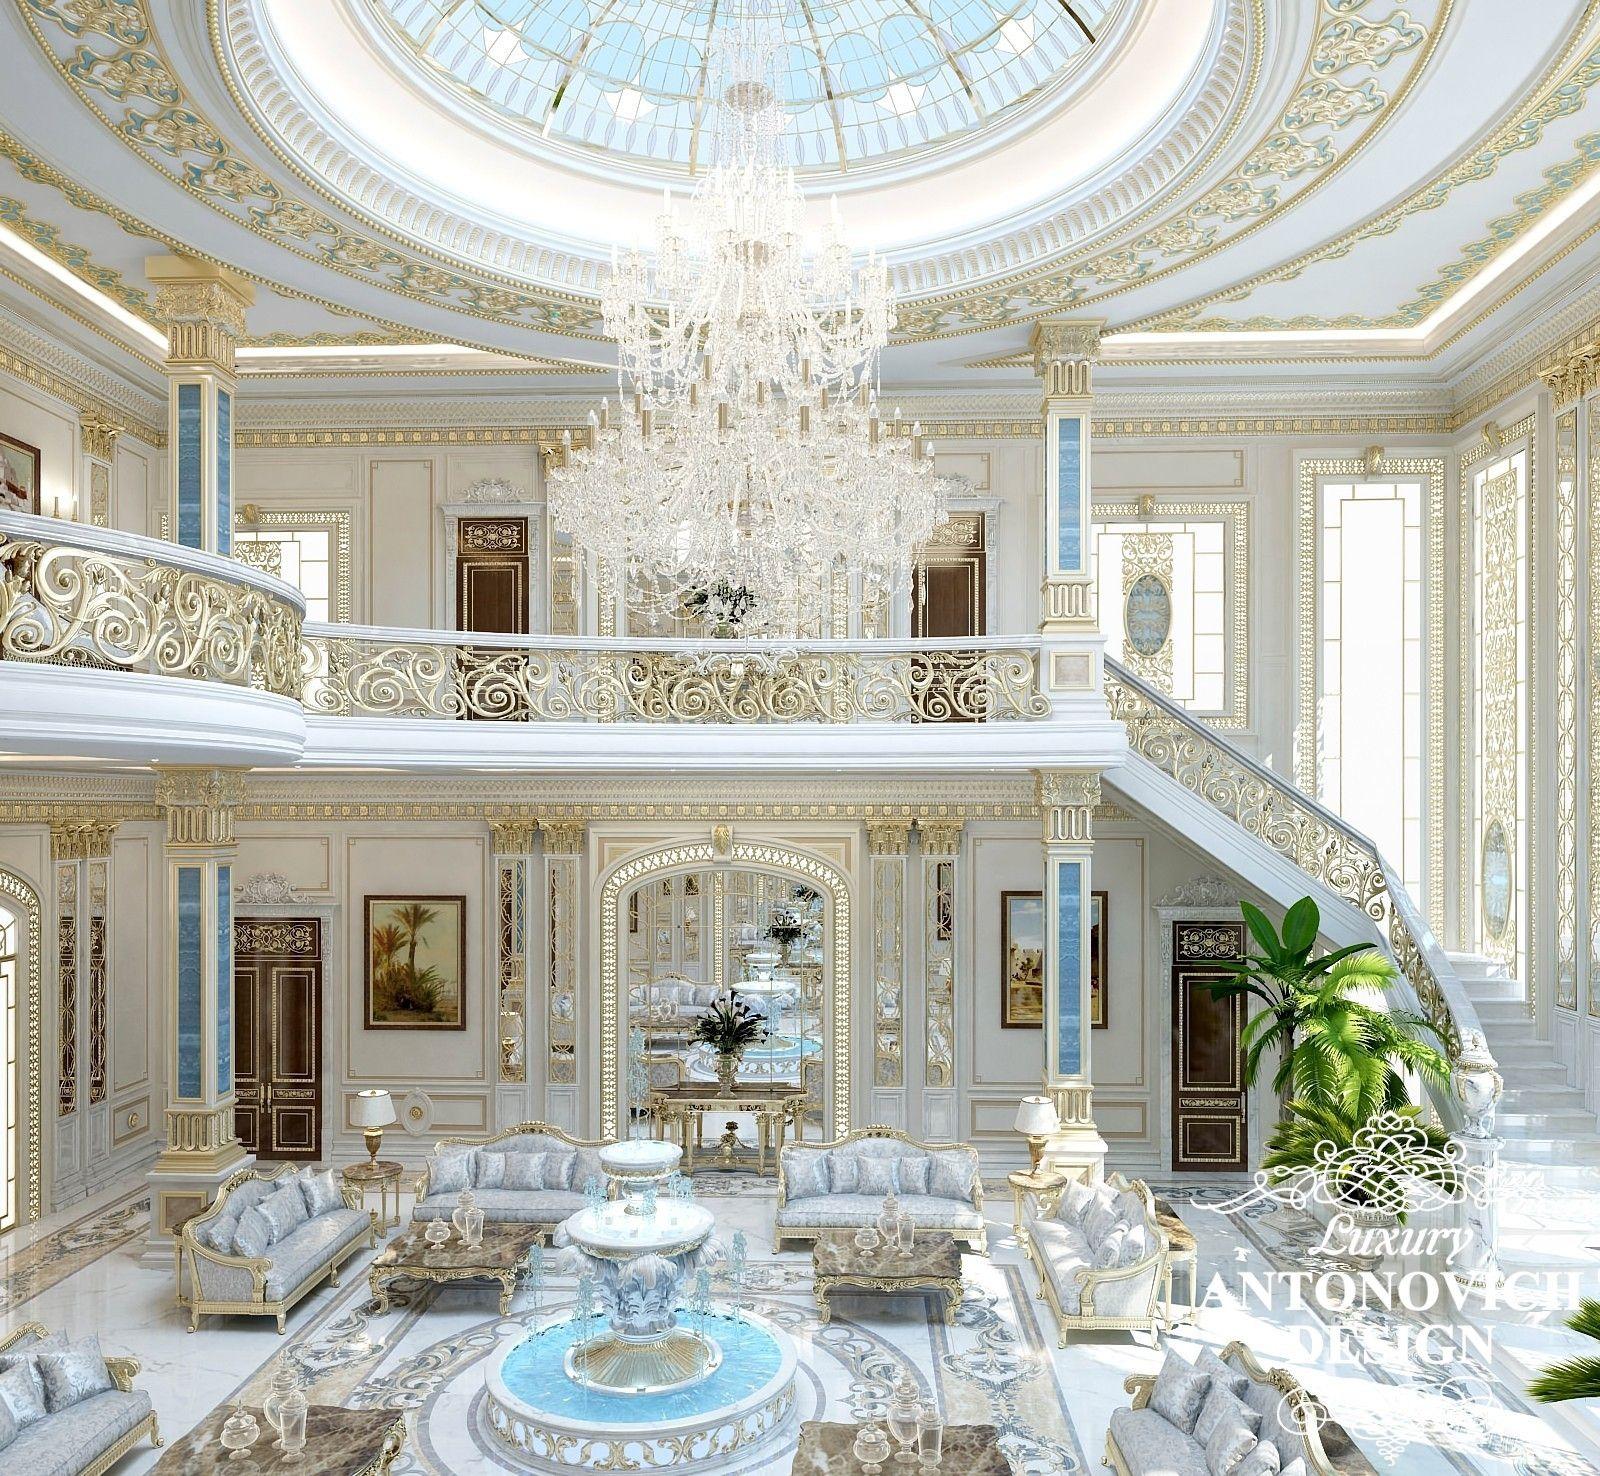 Красивые интерьеры домов | Luxury, Interiors and House